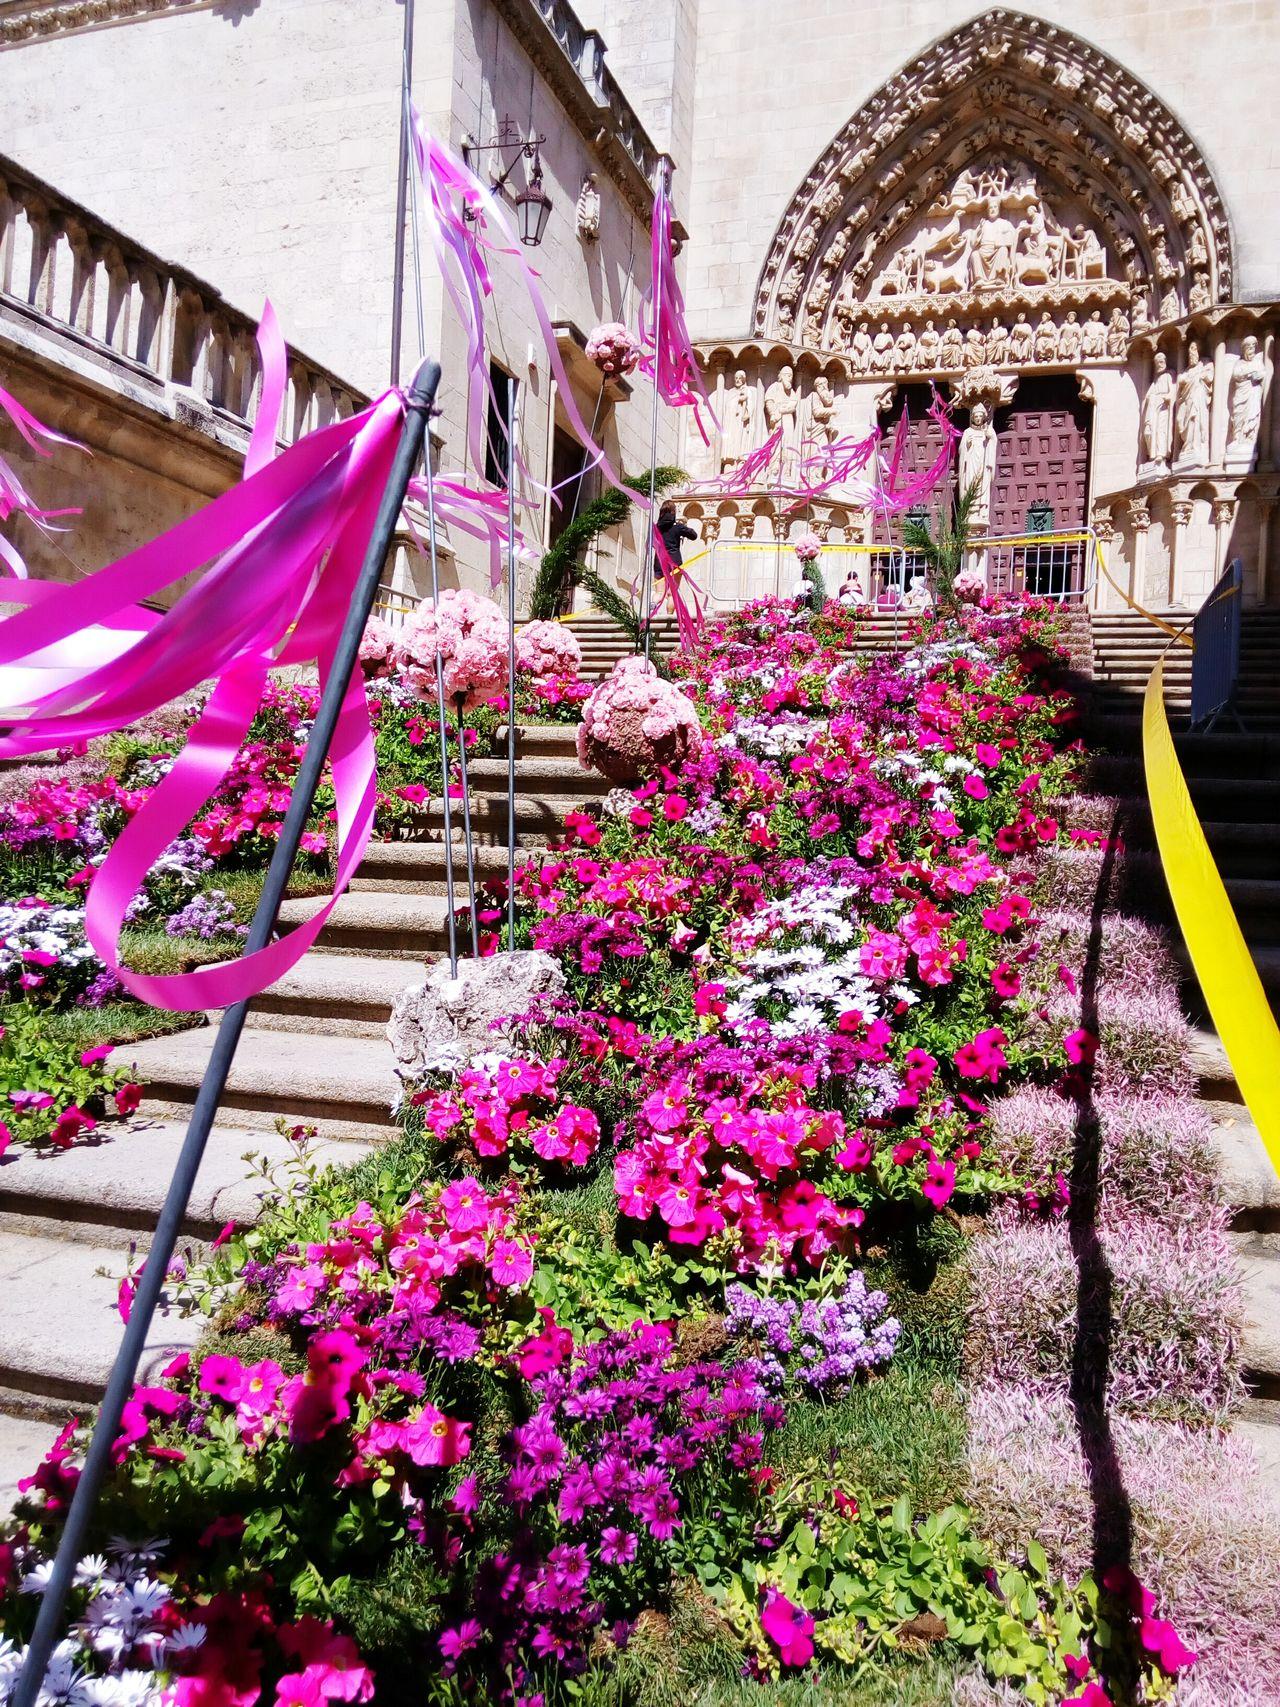 Gigant Stone Cathedral Burgos Catedral De Burgos Piedra Color Stairs & Shadows Escaleras